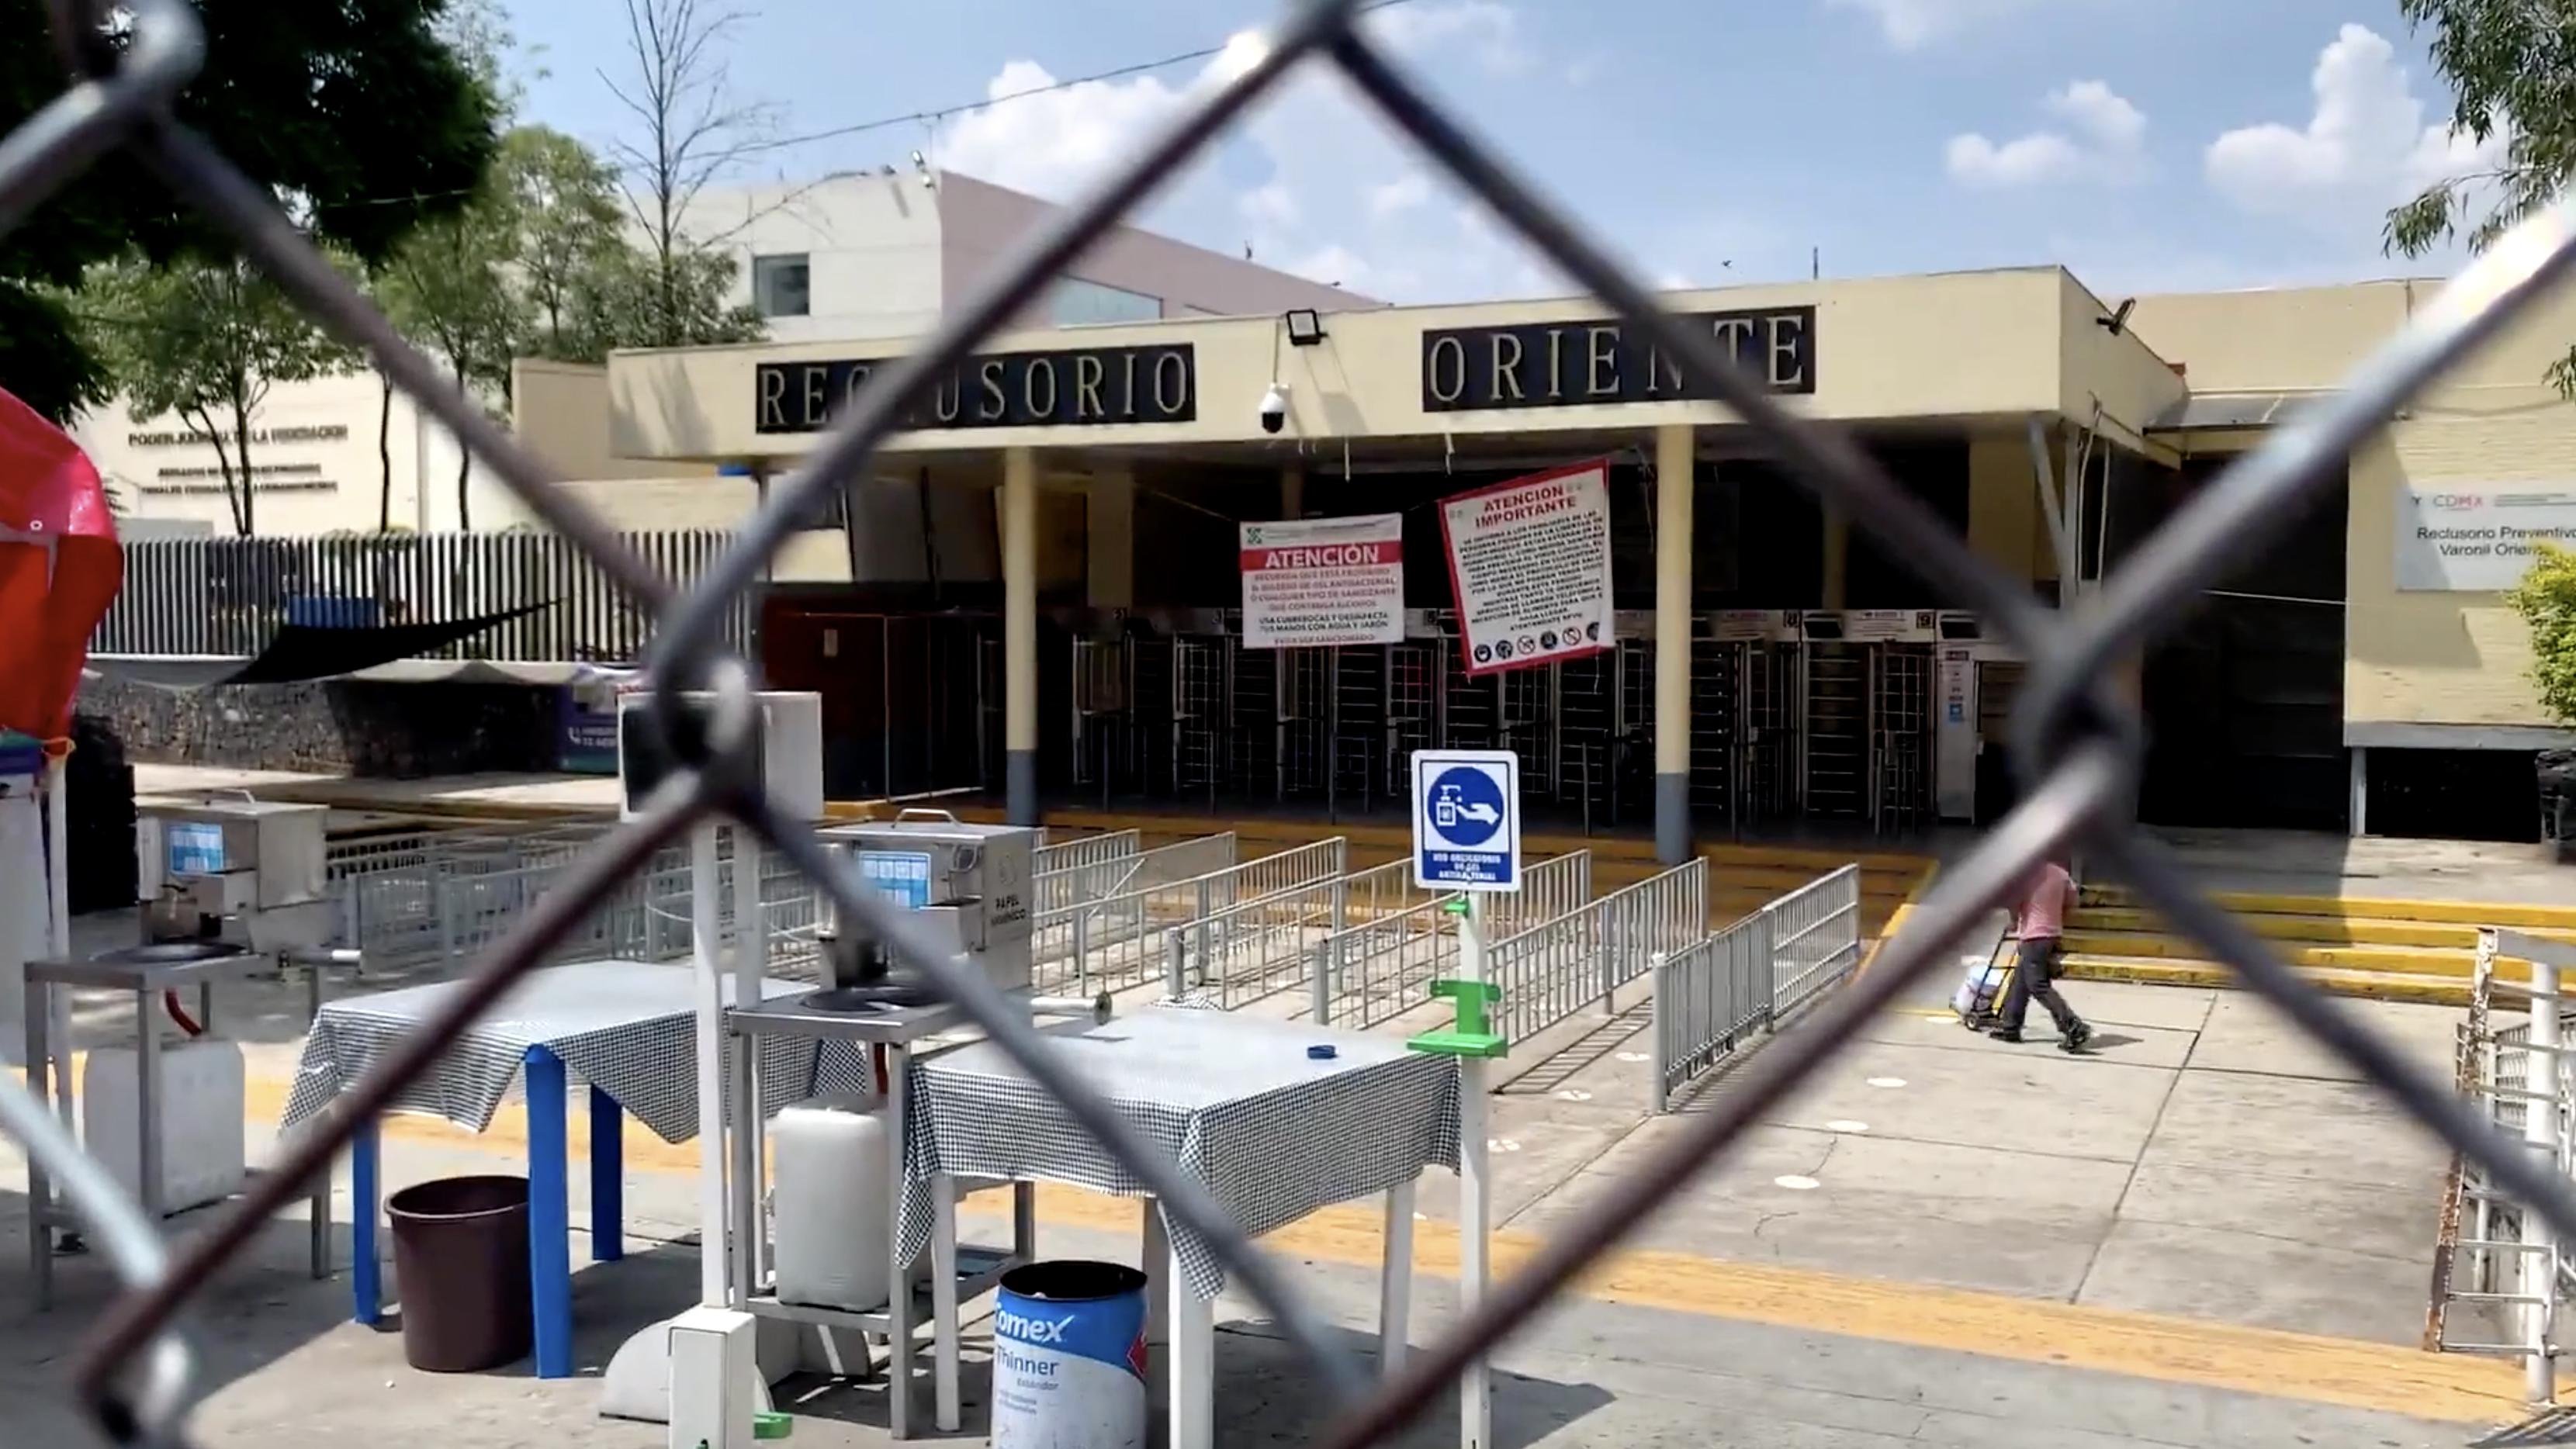 México: prisioneros pasan años encerrados esperando la resolución de sus casos